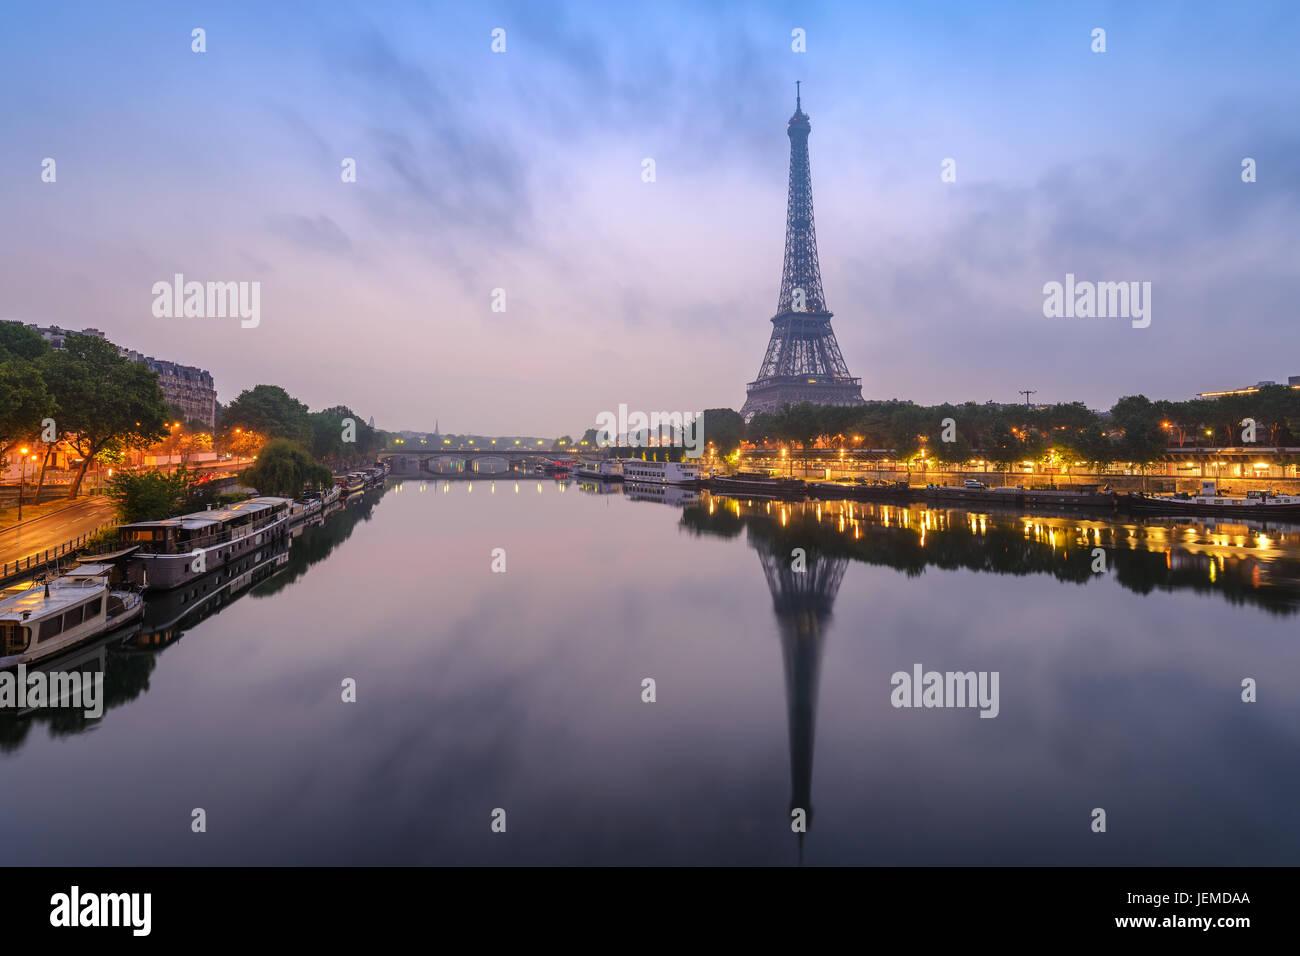 Paris skyline della città con la Torre Eiffel e dalla Senna quando sunrise, Parigi, Francia Immagini Stock